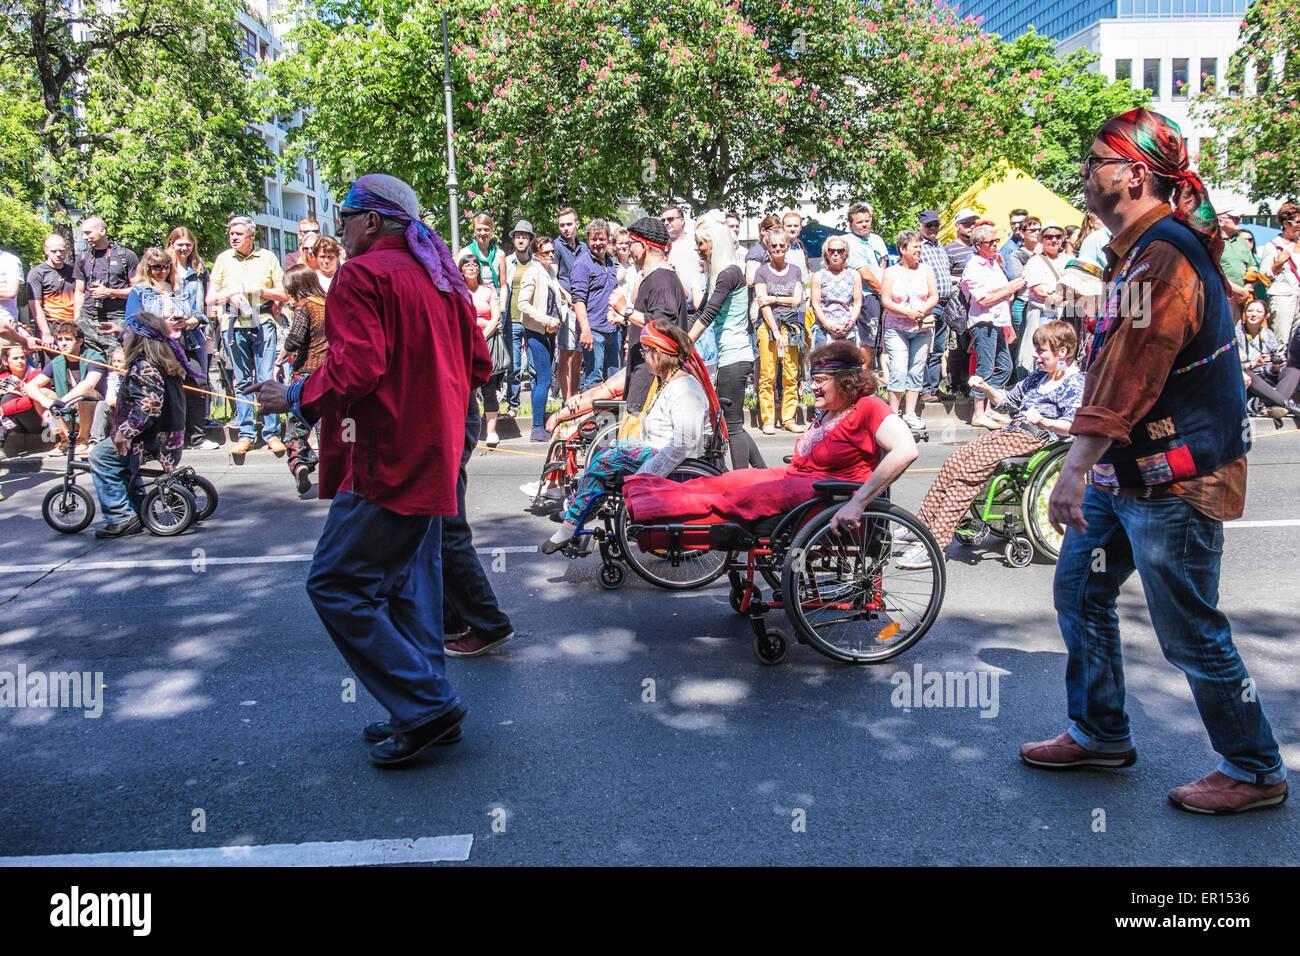 Kreuzberg, Berlin, Allemagne, le 24 mai 2015. Berlin célèbre sa diversité culturelle au Carnaval Photo Stock